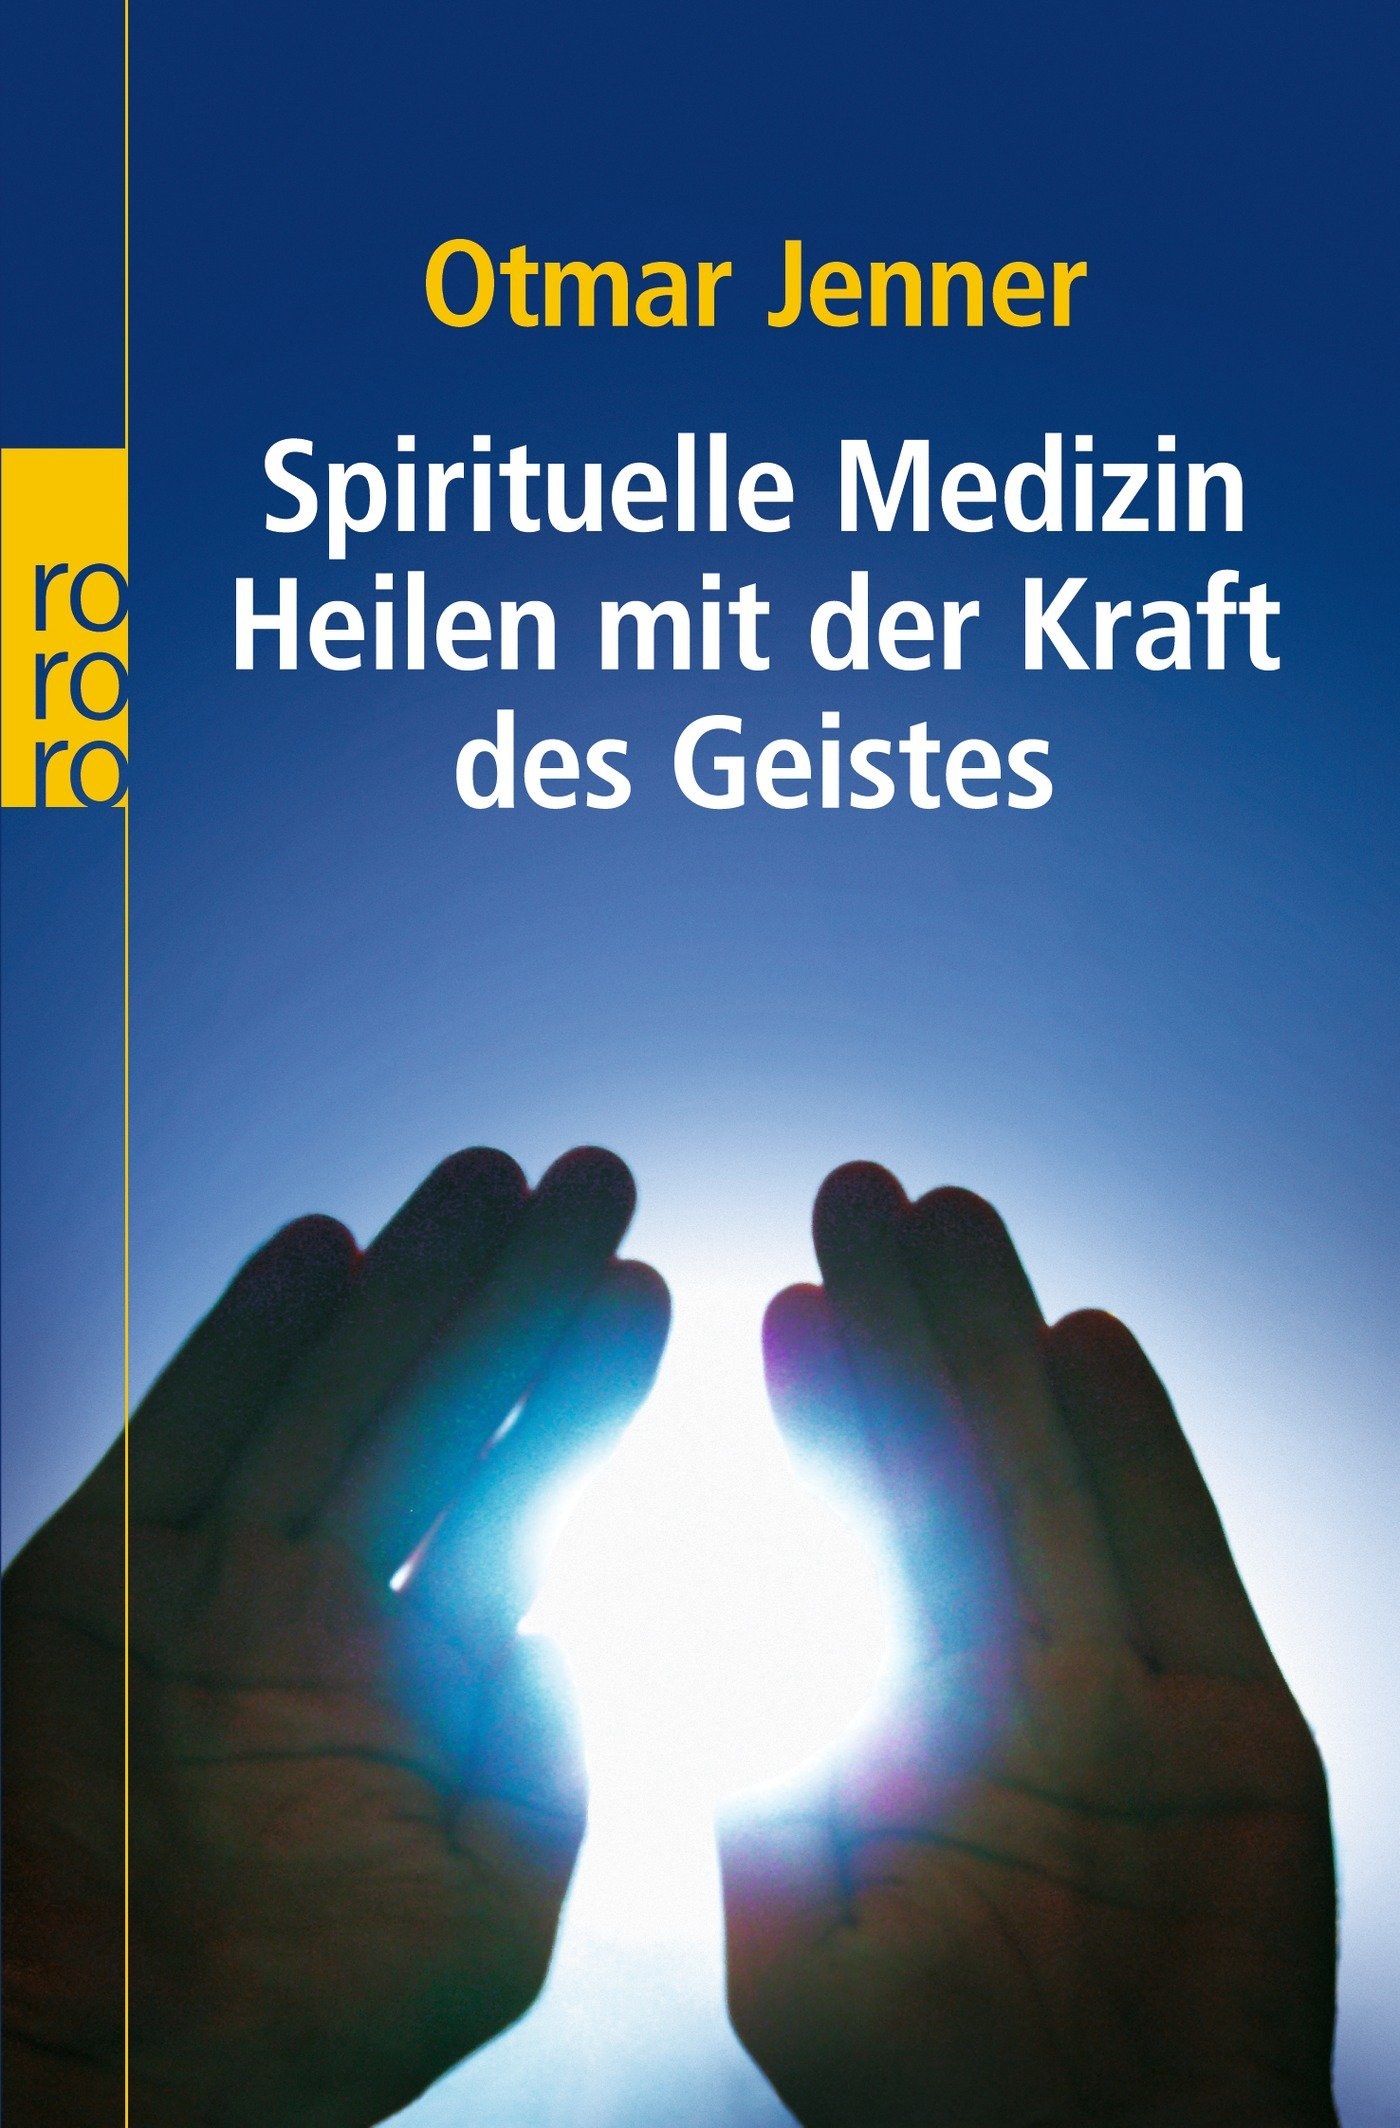 Spirituelle Medizin: Heilen mit der Kraft des Geistes